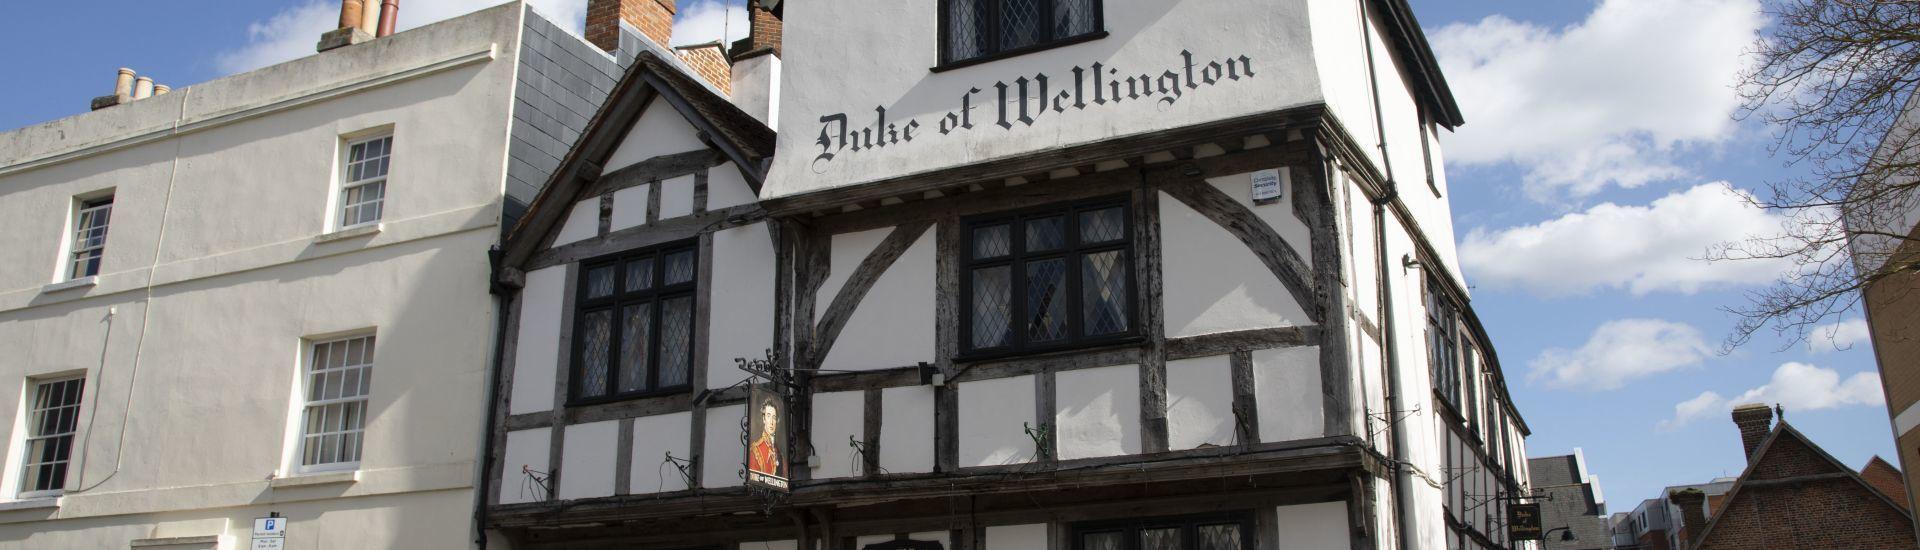 Southampton's Pub History